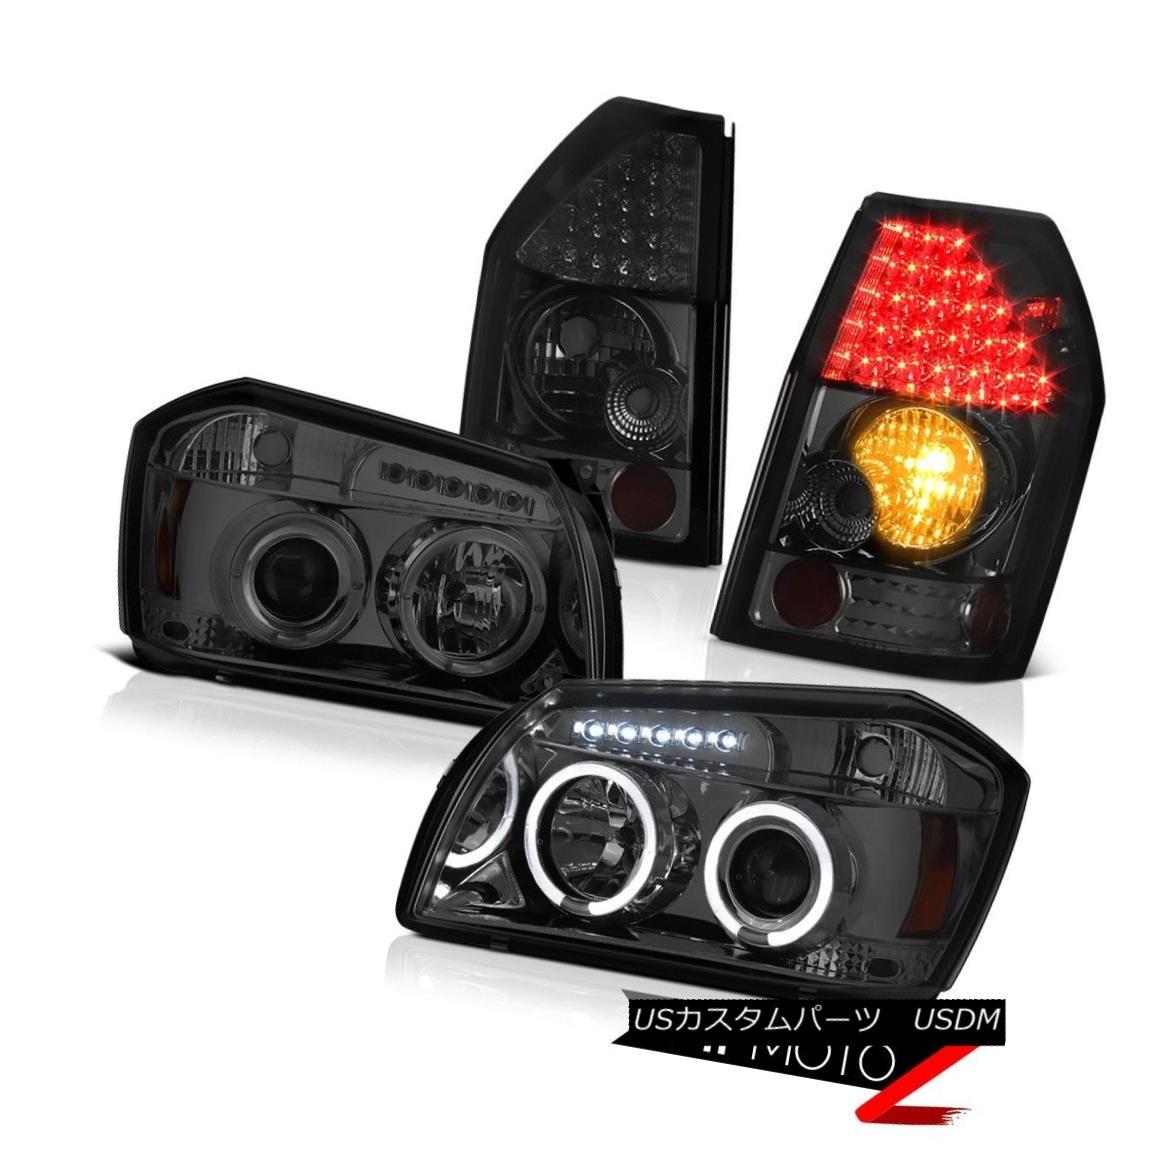 テールライト 05 06 07 Dodge Magnum Rt Smoked Tail Brake Lights Projector Headlights Halo Ring 05 06 07ダッジマグナムRtスモークテールブレーキライトプロジェクターヘッドライトハローリング